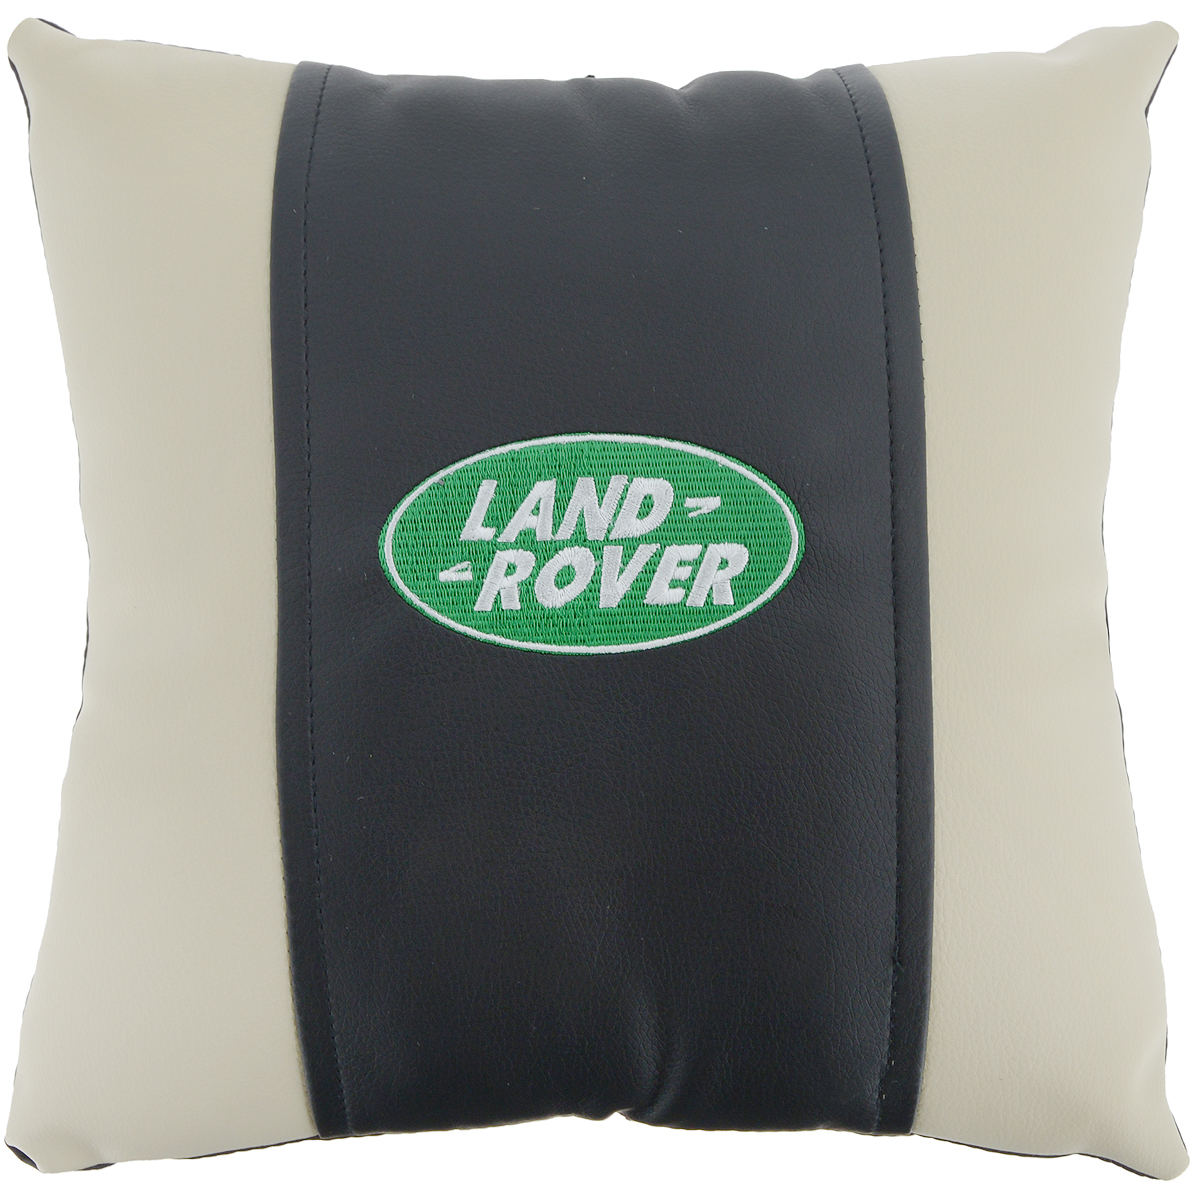 Подушка на сиденье Autoparts Land Rover, 30 х 30 смМ062Подушка на сиденье Autoparts Land Rover создана для тех, кто весь свой день вынужден проводить за рулем. Чехол выполнен из высококачественной дышащей экокожи. Наполнителем служит холлофайбер. На задней части подушки имеется змейка.Особенности подушки:- Хорошо проветривается.- Предупреждает потение.- Поддерживает комфортную температуру.- Обминается по форме тела.- Улучшает кровообращение.- Исключает затечные явления.- Предупреждает развитие заболеваний, связанных с сидячим образом жизни. Подушка также будет полезна и дома - при работе за компьютером, школьникам - при выполнении домашних работ, да и в любимом кресле перед телевизором.